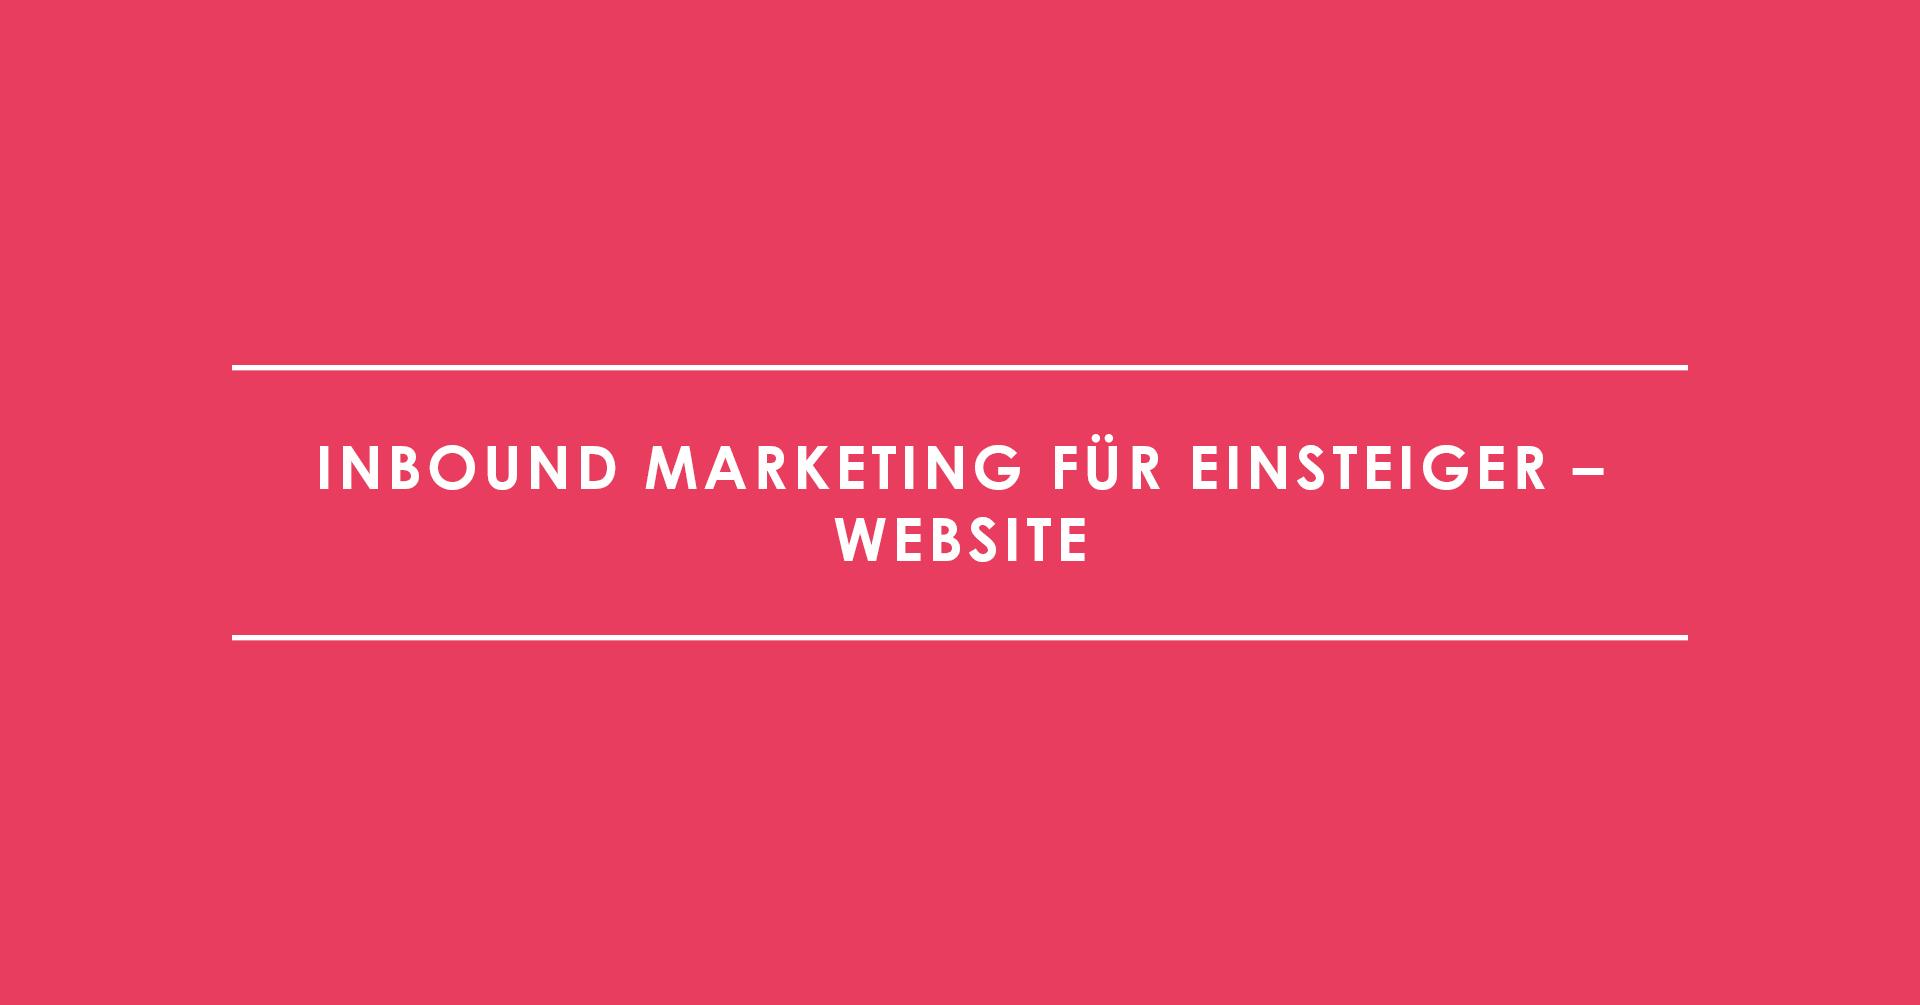 Inbound Marketing für Einsteiger – Website